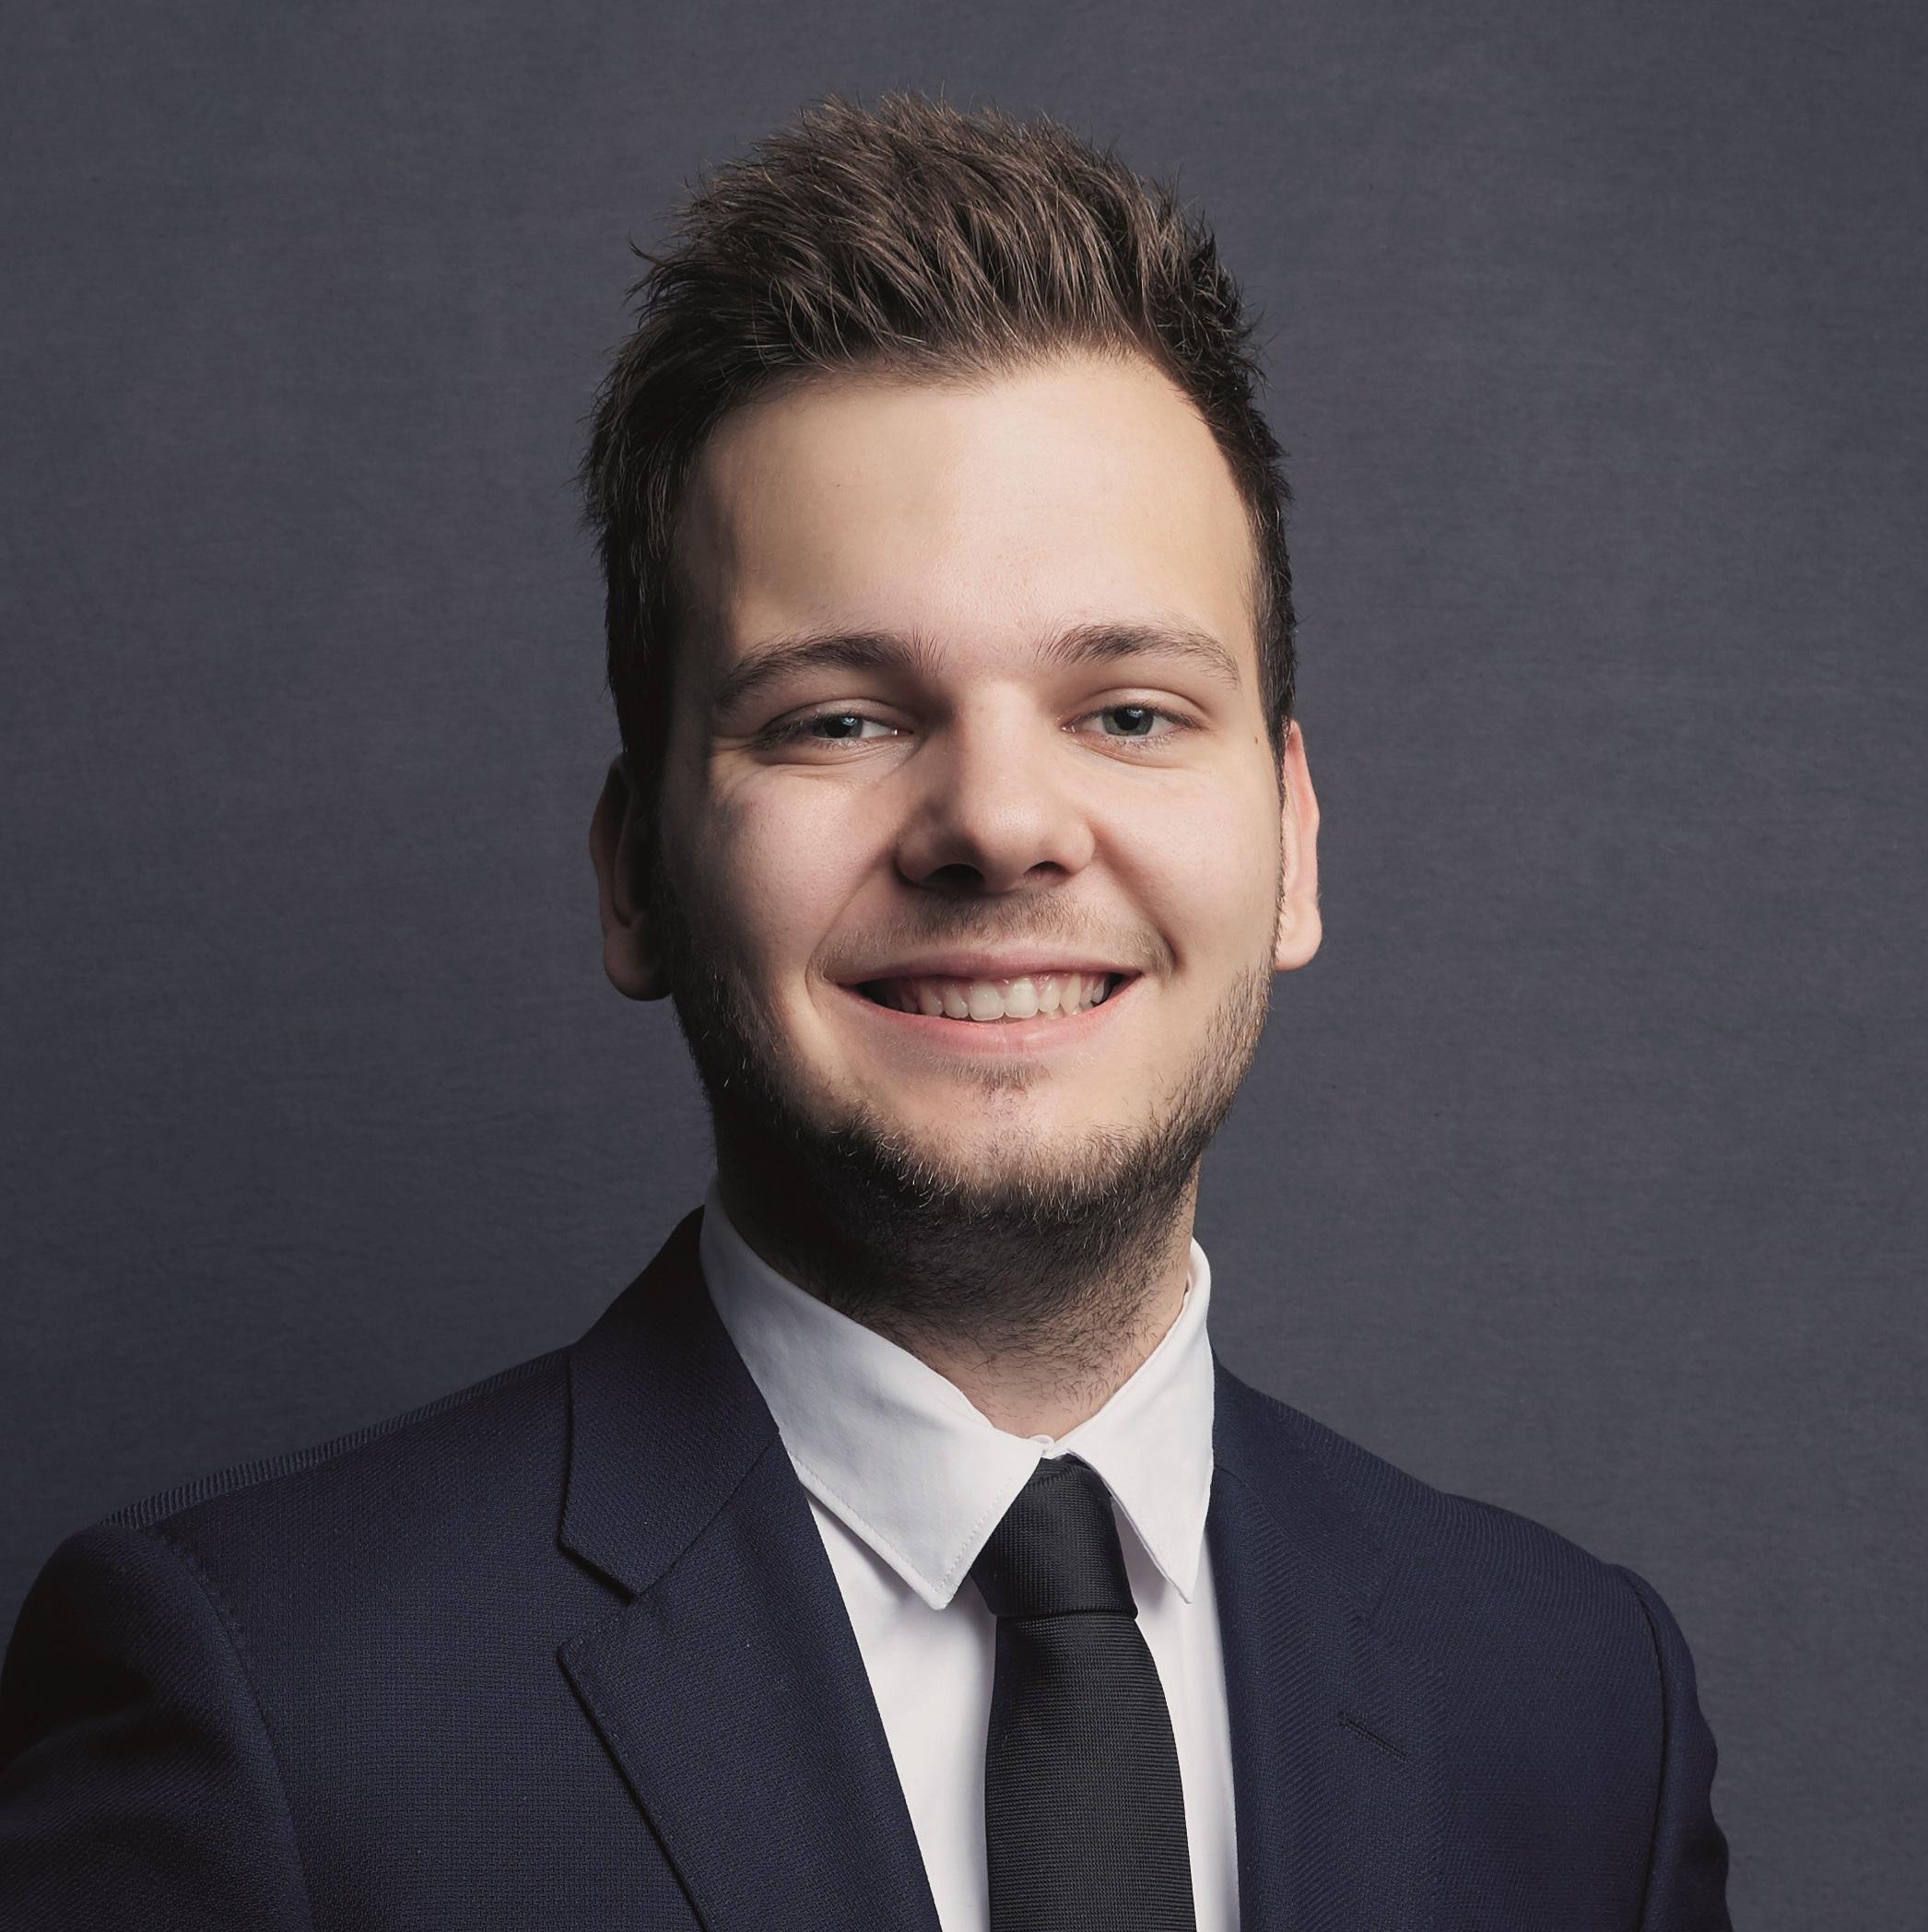 Stefan Pruijssen